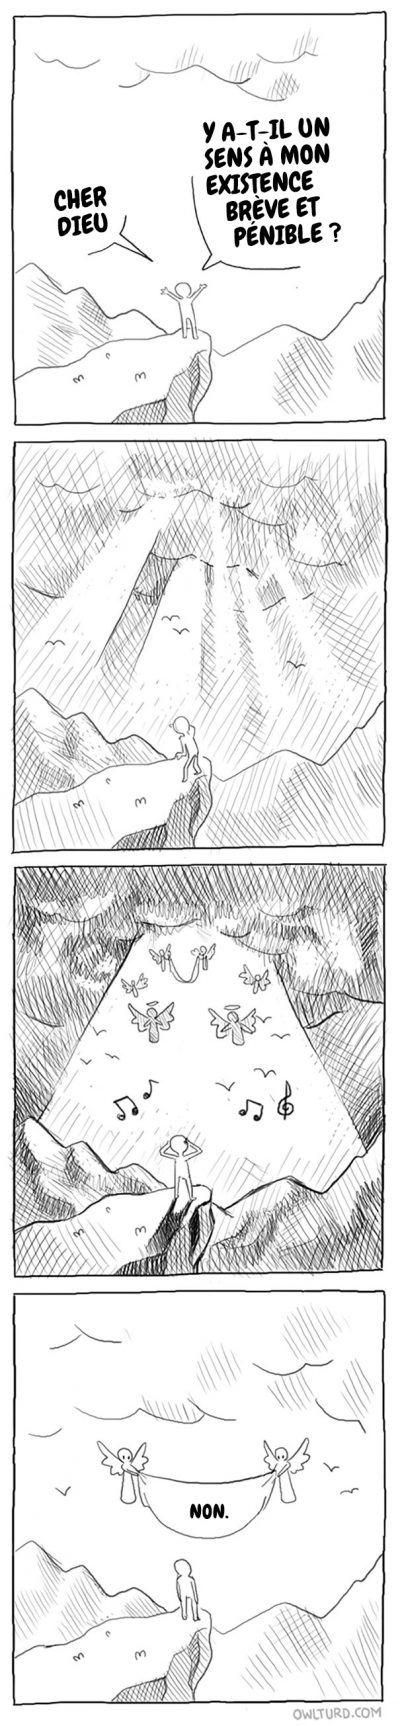 bandes-dessinees-vie-adulte-owlturd-04